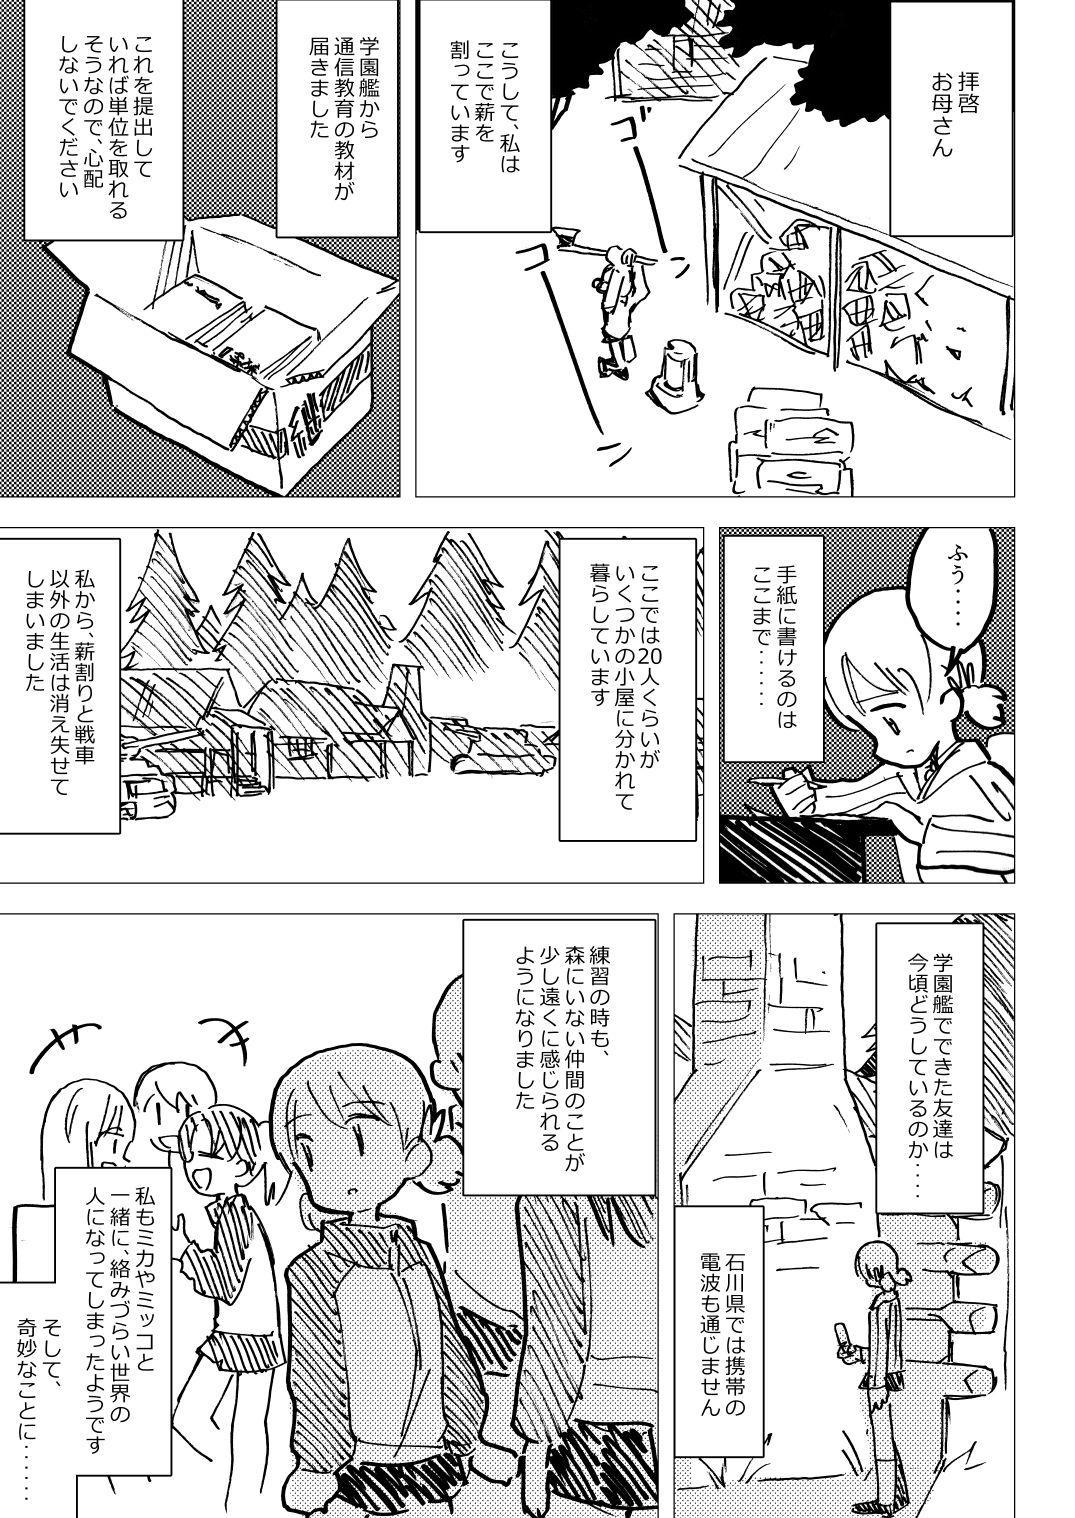 Nee Aki Kocchi Muite + 1 17